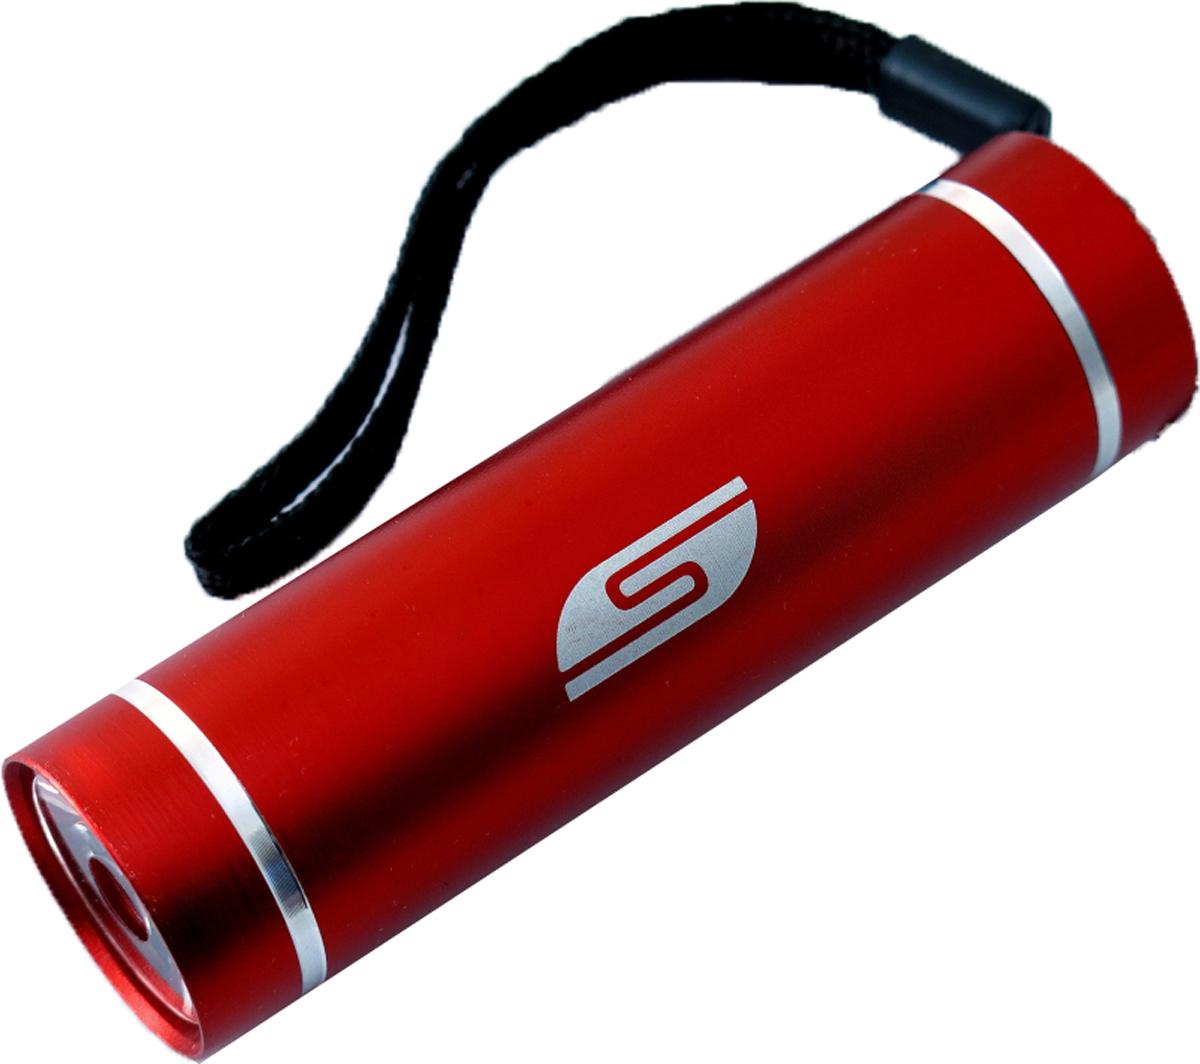 Фонарь SolarisT-5, ручной, цвет: красныйKOCAc6009LEDКарманный фонарь, подходит для ежедневного ношения. Фонарь выполнен из качественного алюминия с защитным анодированием корпуса. Влагозащищённый - стандарт IPX6. Фонарь снабжен современным светодиодом мощностью 1 Ватт. Мощность светового потока 60 люмен, дальность эффективного излучения света 100 метров. Благодаря длине всего 9 сантиметров и малому весу фонарь идеально подходит для ежедневного ношения в качестве карманного. Кнопка включения в хвостовой части фонаря утоплена в корпус, что исключает случайное нажатие в кармане. Коллиматорная линза направленного действия и светодиод мощностью 1 Ватт обеспечивают фонарю очень приличную дальность освещения 100 метров. Фонарь может применяться в качестве запасного туристического фонаря и источника света для бытовых нужд. Особенности конструкции и эксплуатации фонаря SOLARIS T-5: - Один режим работы фонаря. - Кнопка включения расположена в хвостовой части фонаря. - Фонарь работает от 3-х батарей ААА (в комплект не входят). Кассета для батареек прилагается, находится внутри фонаря. - Время работы фонаря от 3-х батарей ААА: 5 часов. Размеры фонаря: 9 см х 2,6 см.